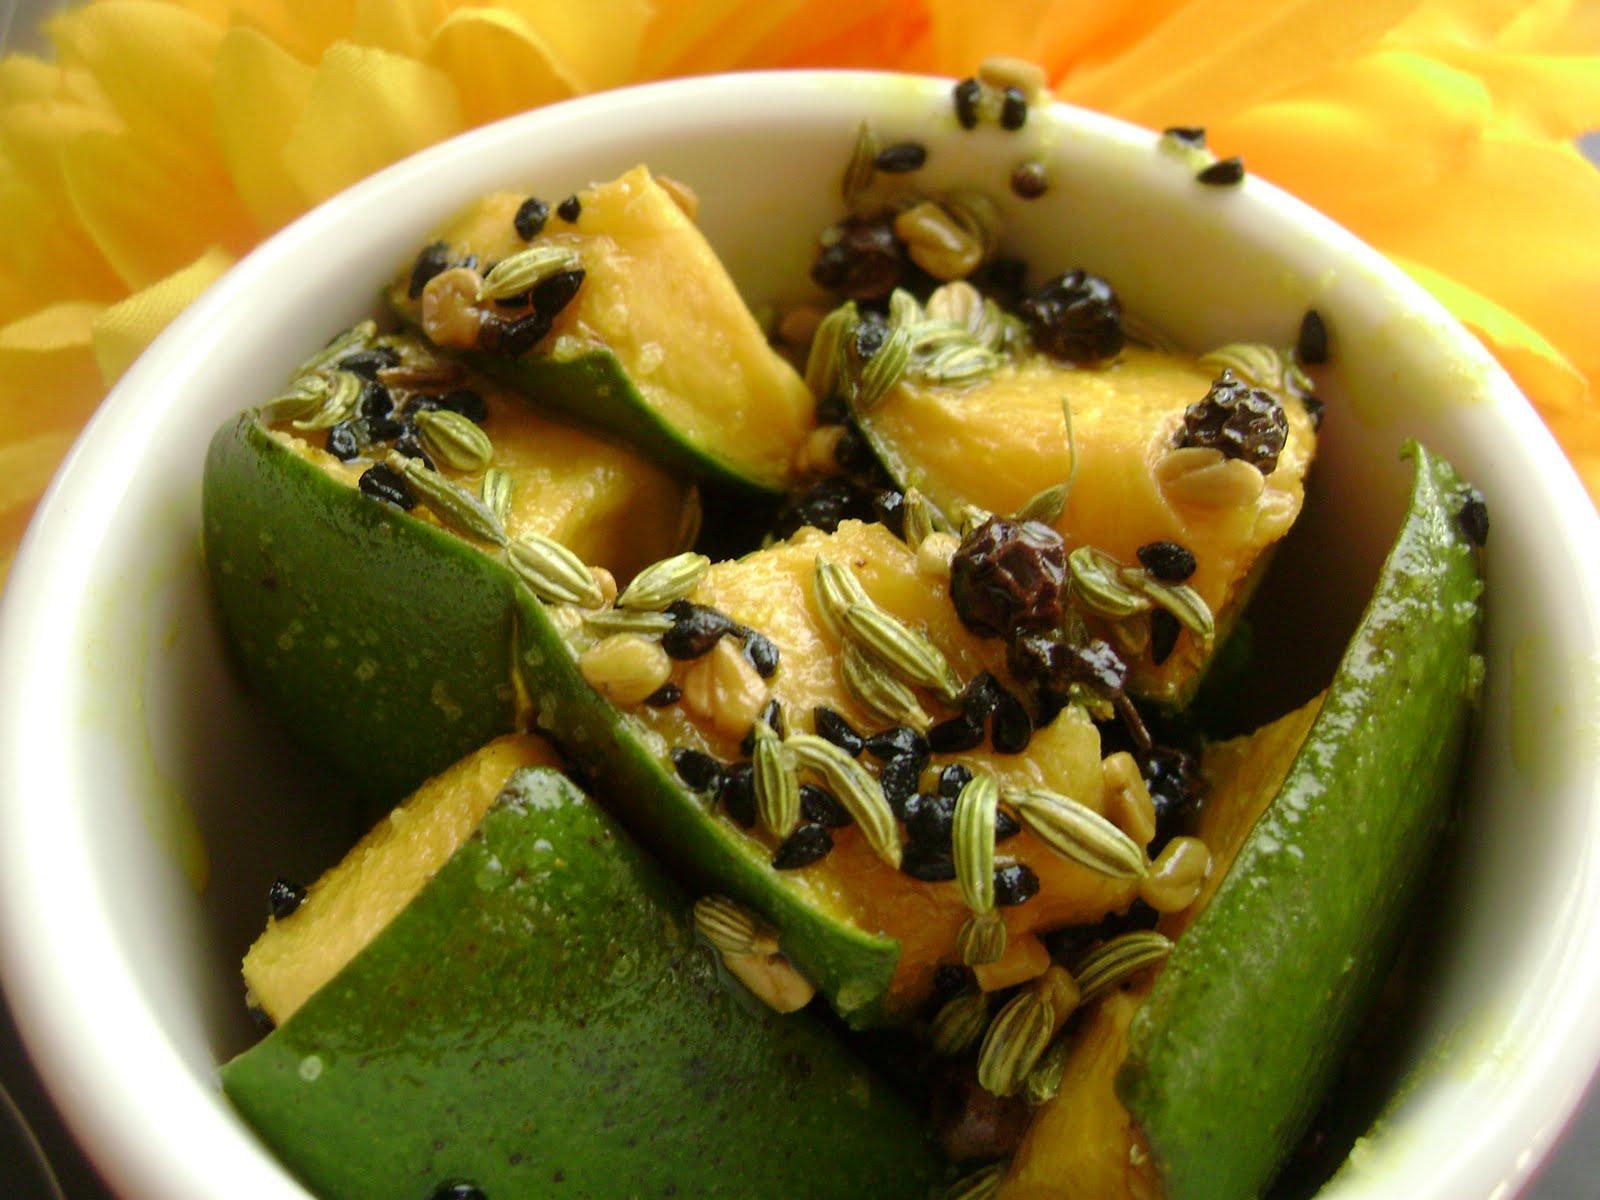 Aks vegetarian recipe world punjabi mango pickle for icc punjabi mango pickle for icc forumfinder Choice Image